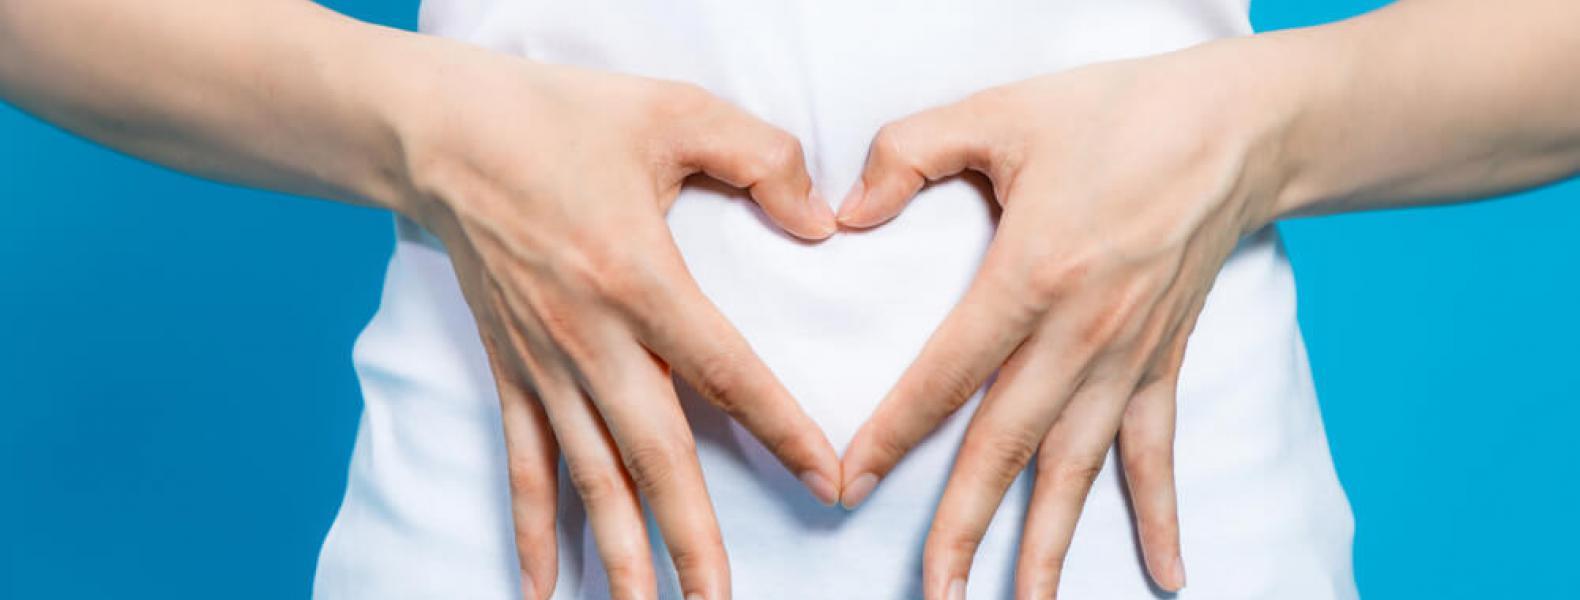 Limpeza intestinal: quais os benefícios?